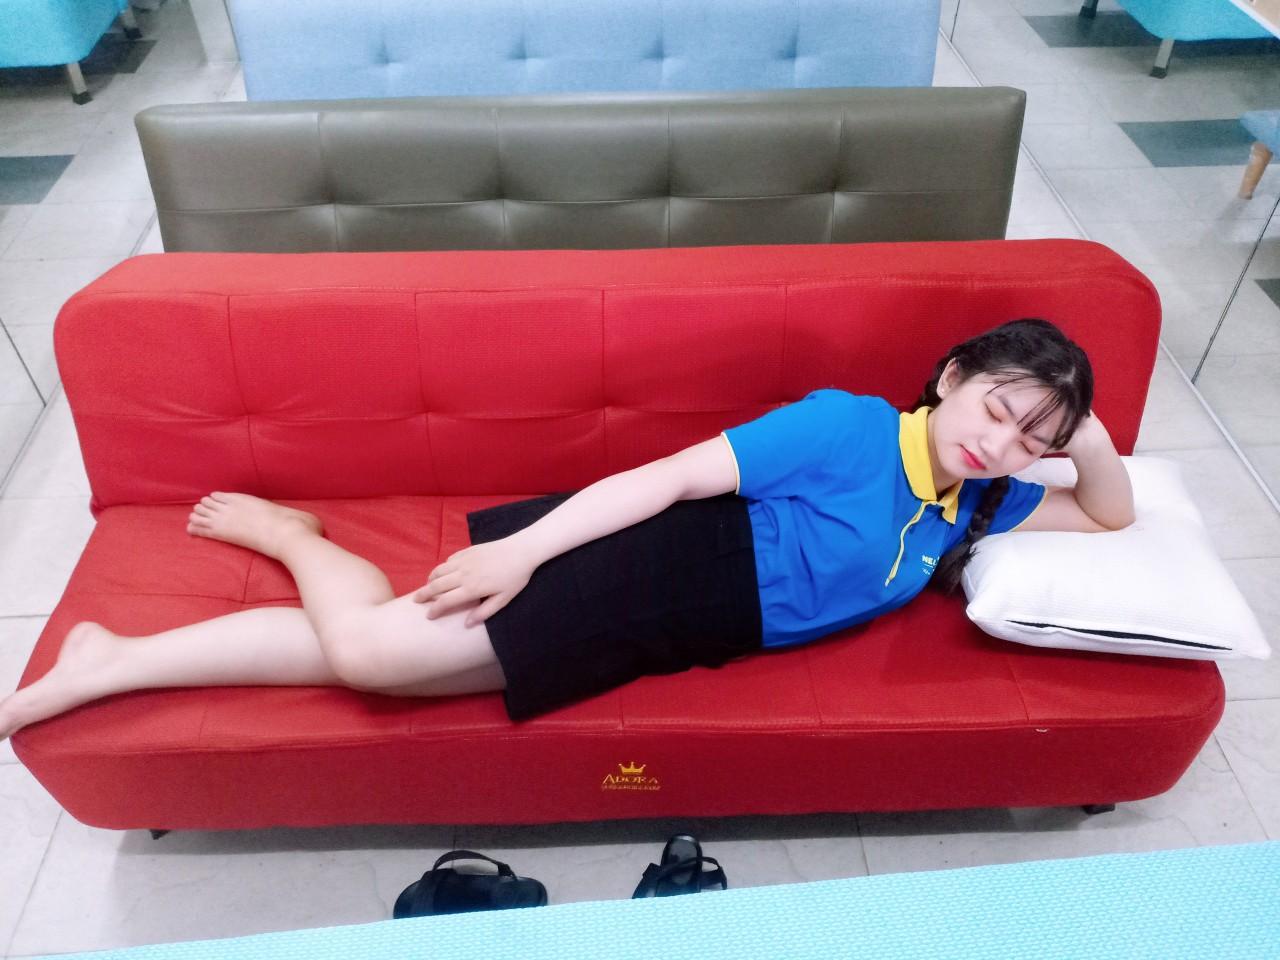 Sofa Giường giá rẻ chỉ 2300k - 1